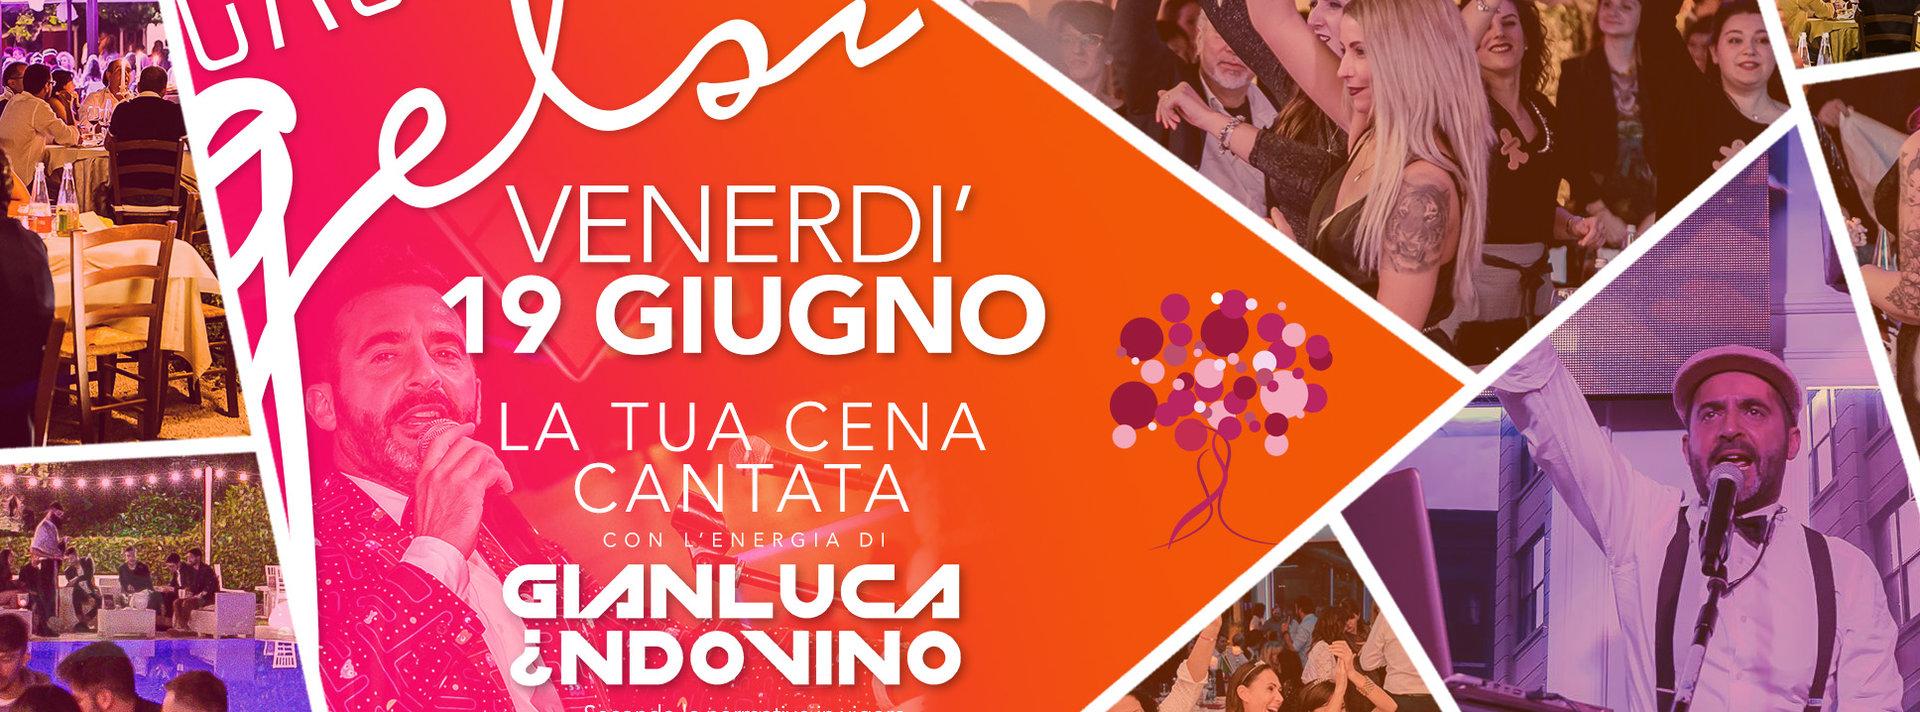 Cena cantata con Indovino - 19 giugno 2020